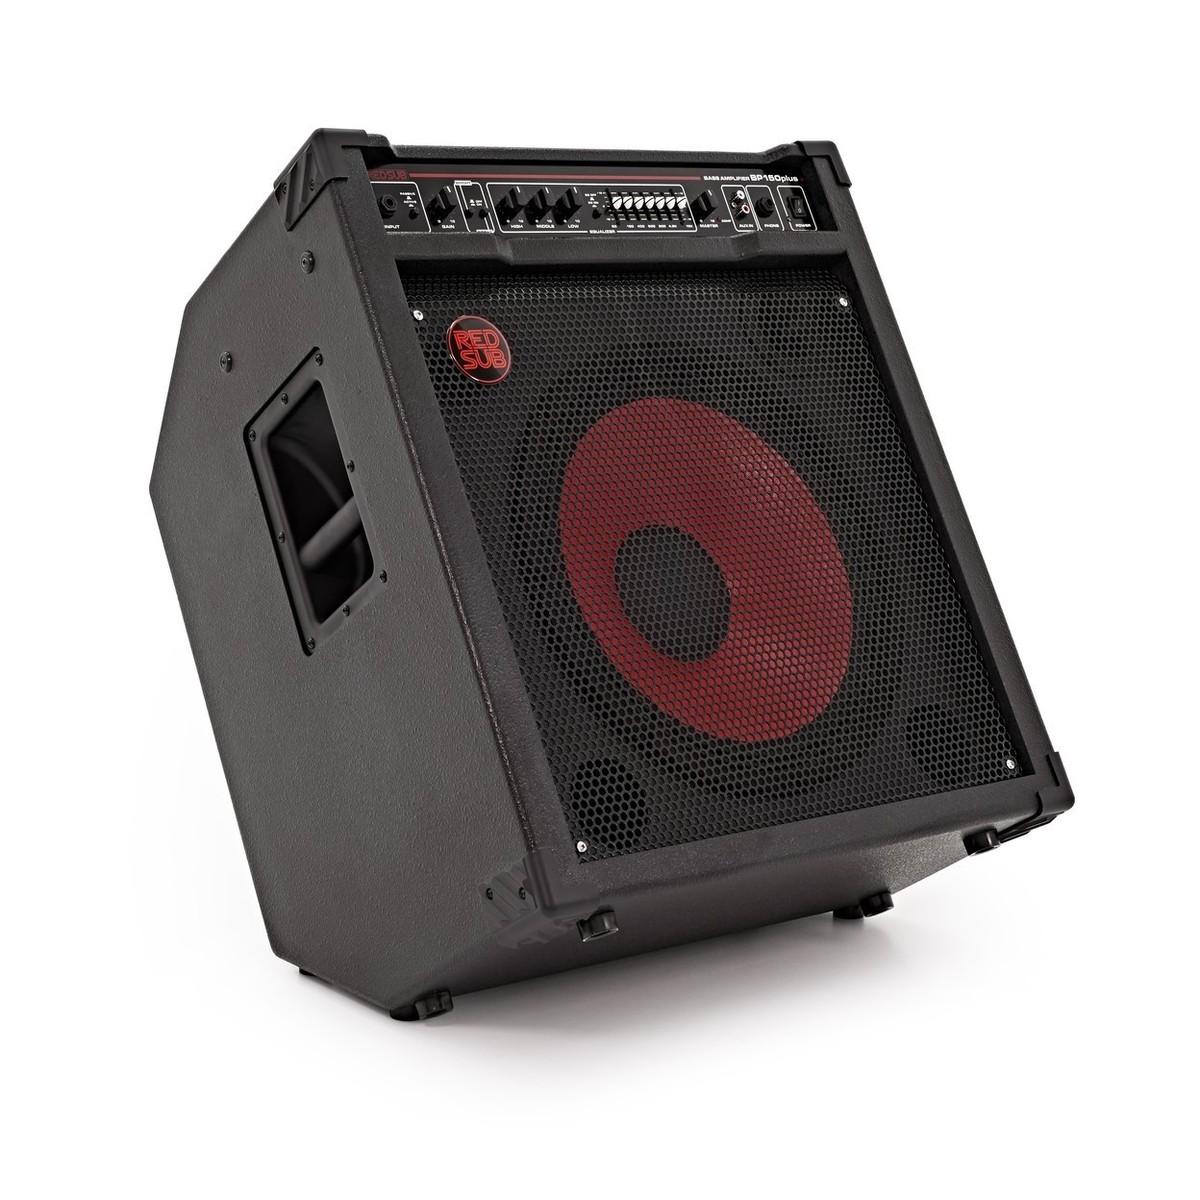 disc harlem z bass guitar 150w amp pack black at gear4music. Black Bedroom Furniture Sets. Home Design Ideas